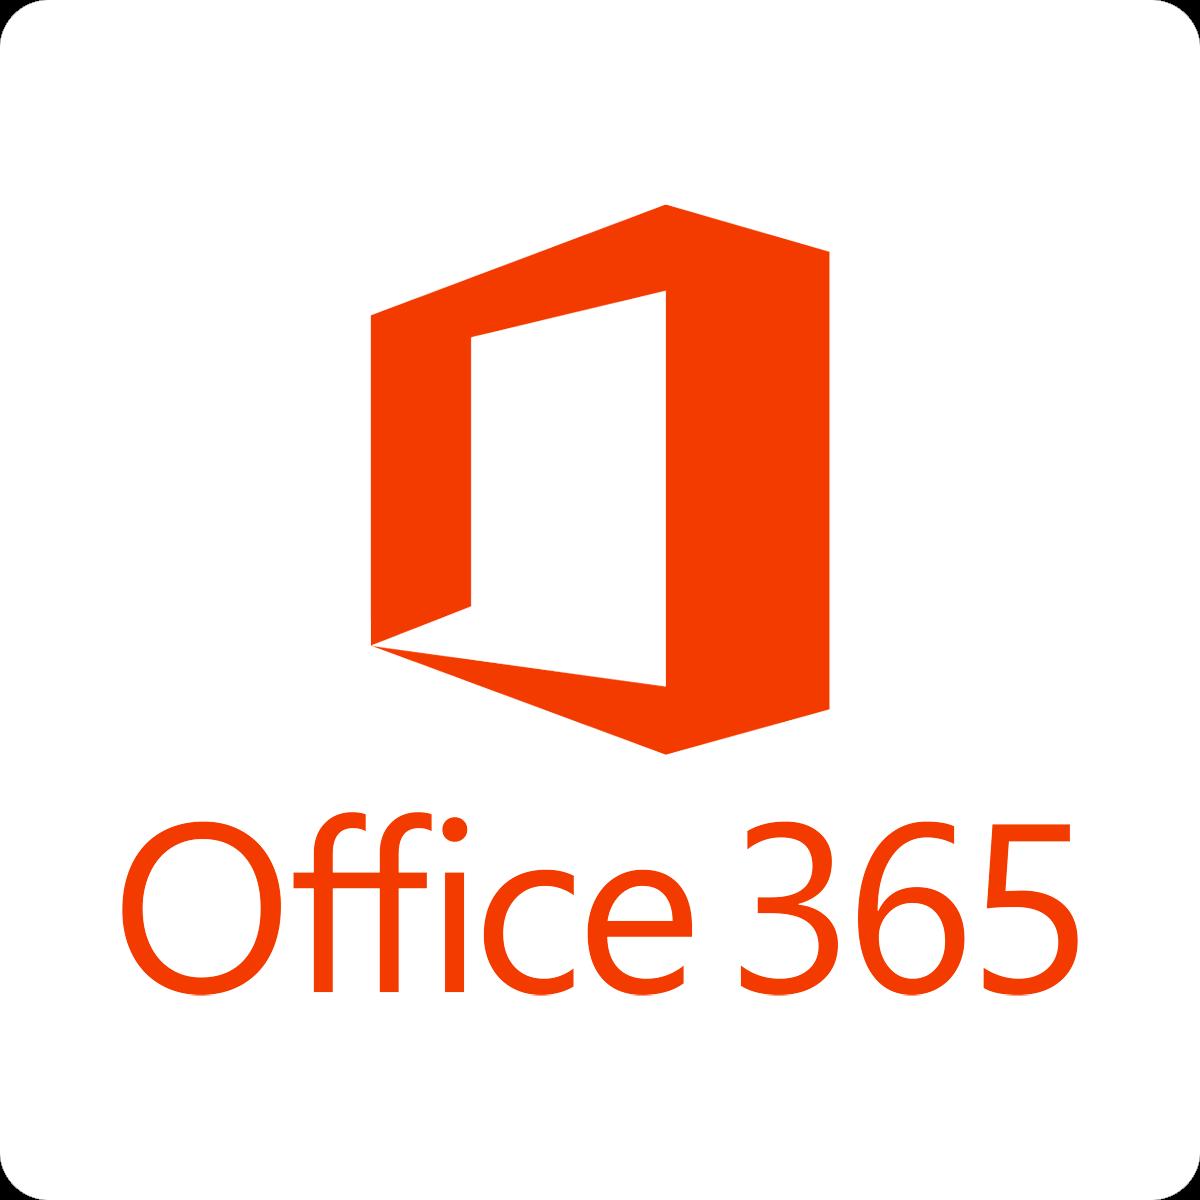 微软Office365桌面版 A1P 自助注册激活码